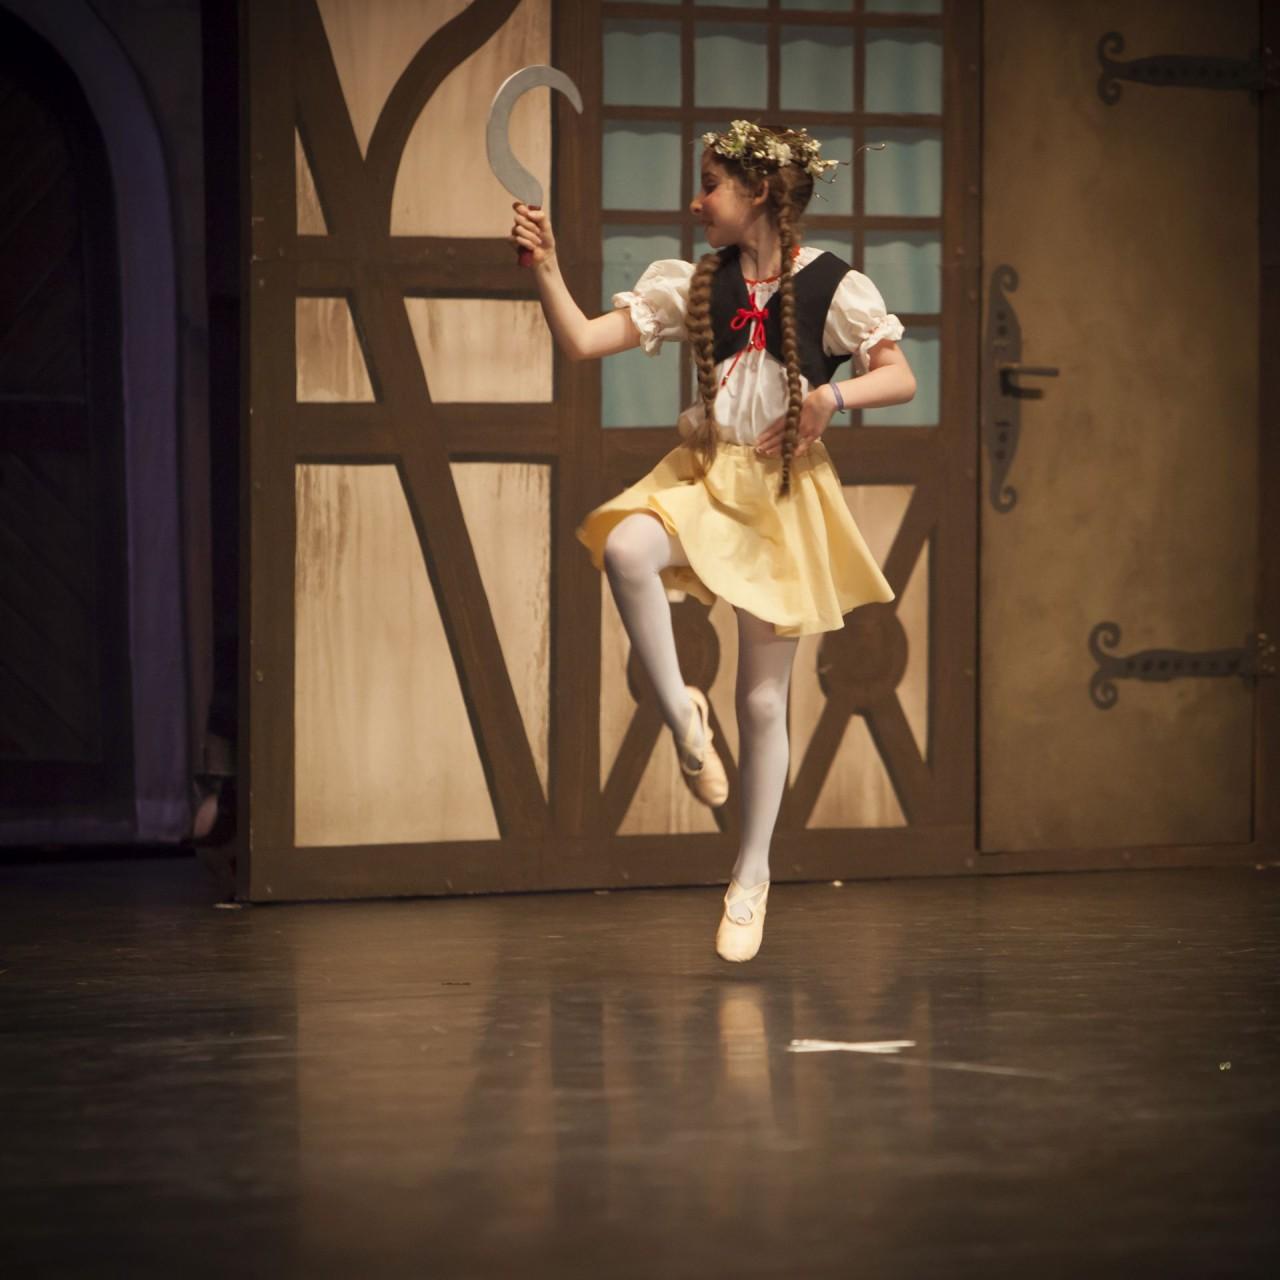 dansen ballet van den Ende (2 van 17)